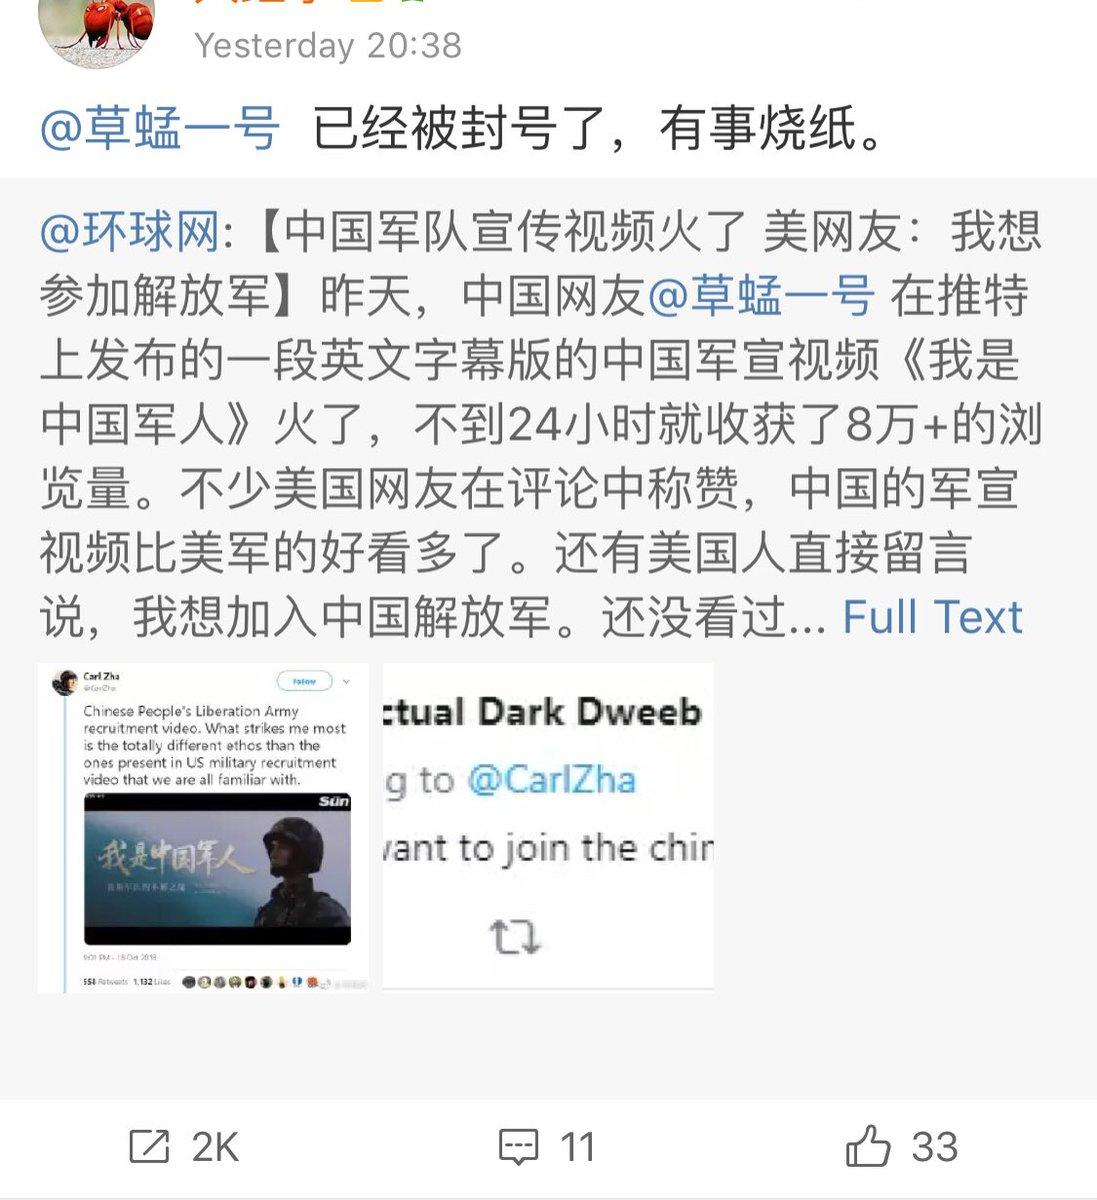 Carl Zha on Twitter: